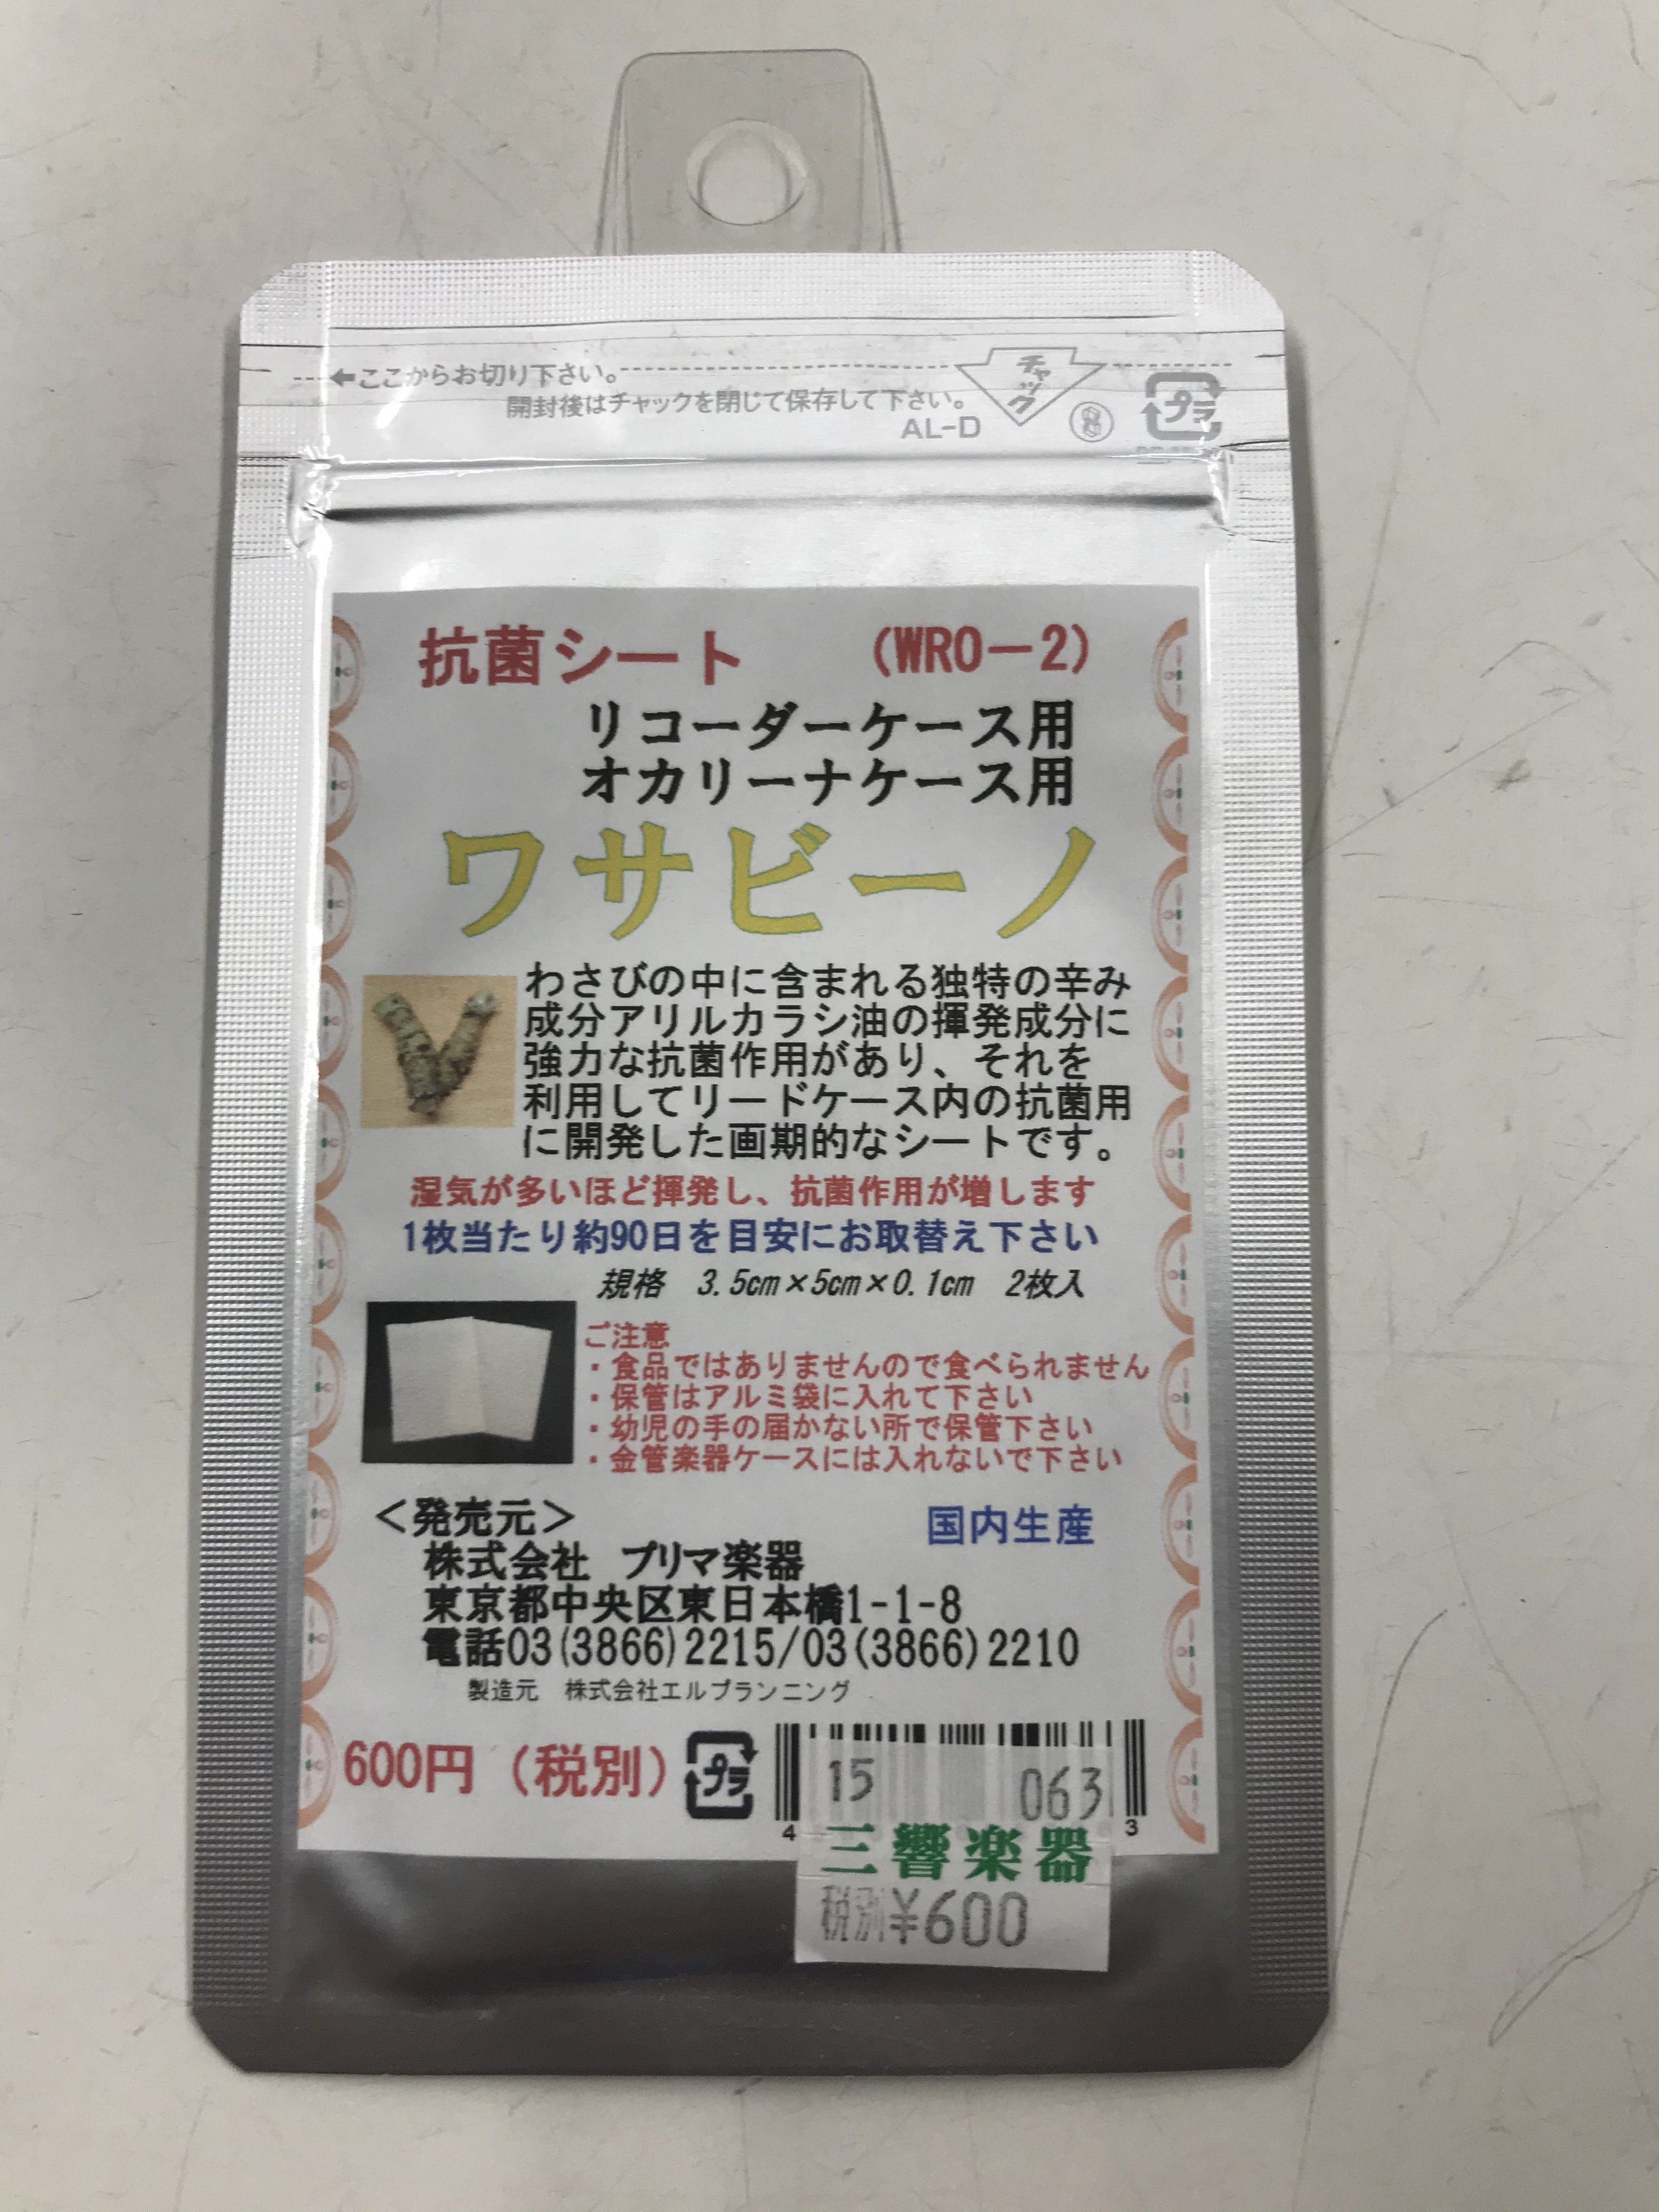 オカリーナケース用抗菌シート「ワサビーノ」